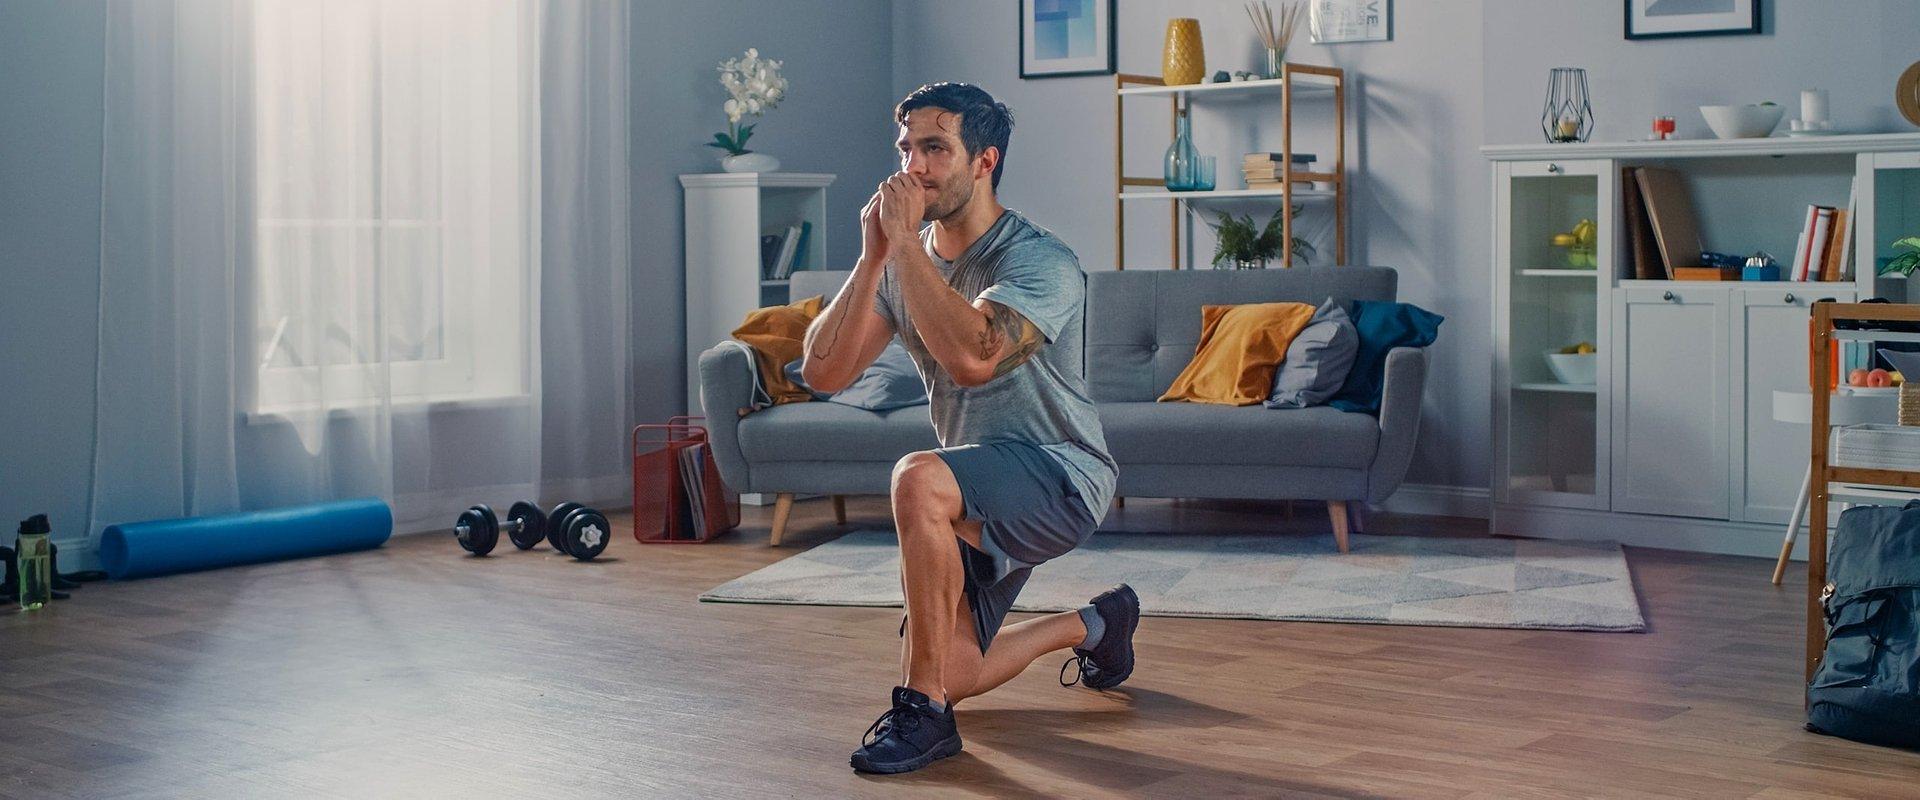 Ćwiczyć w domu czy w klubie?